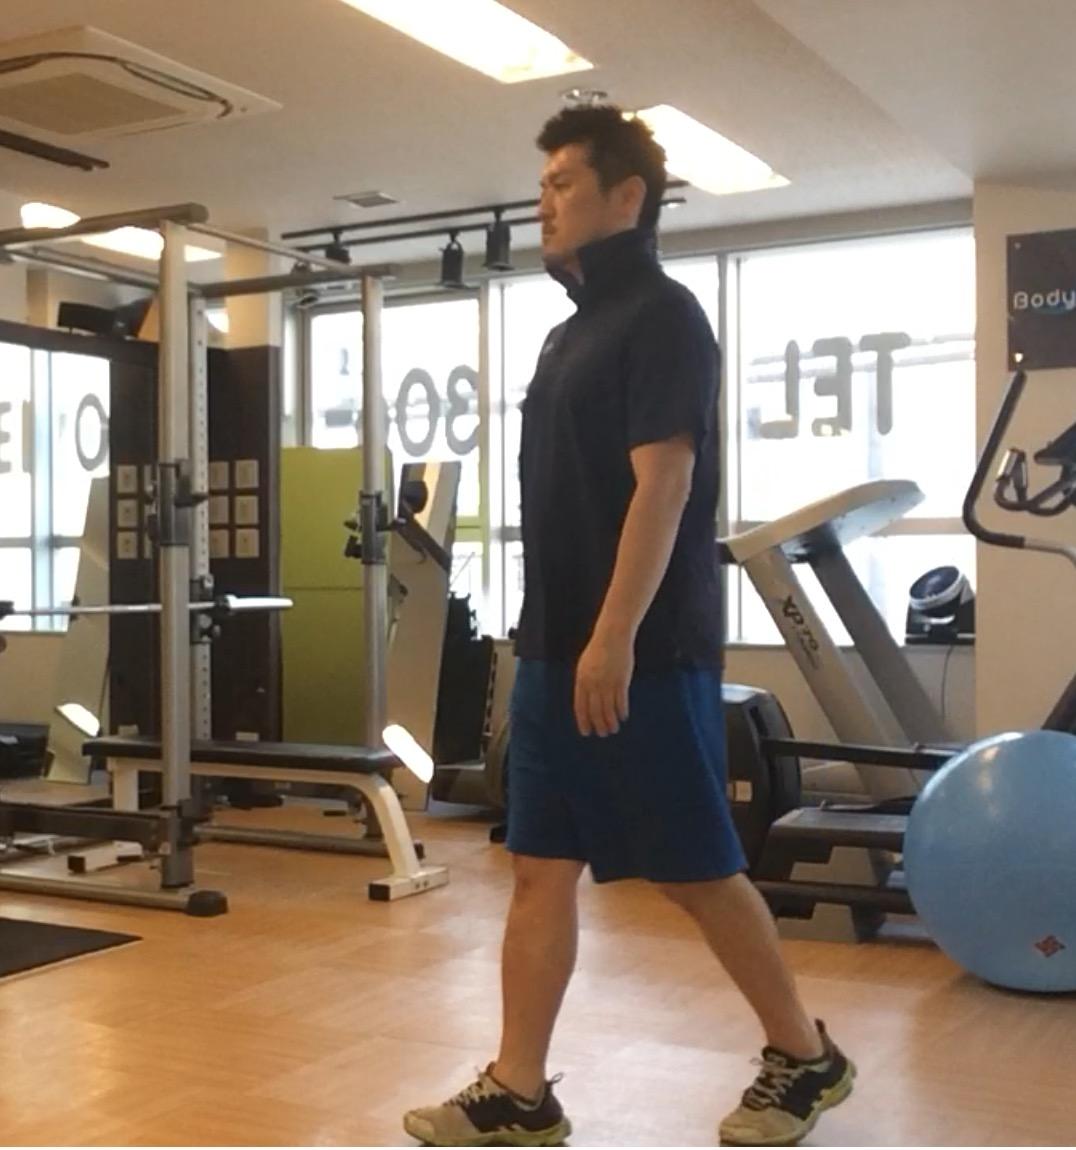 アキレス腱断裂 保存療法 仕事完全復帰とトレーニング再開!【受傷56日目〜75日目】